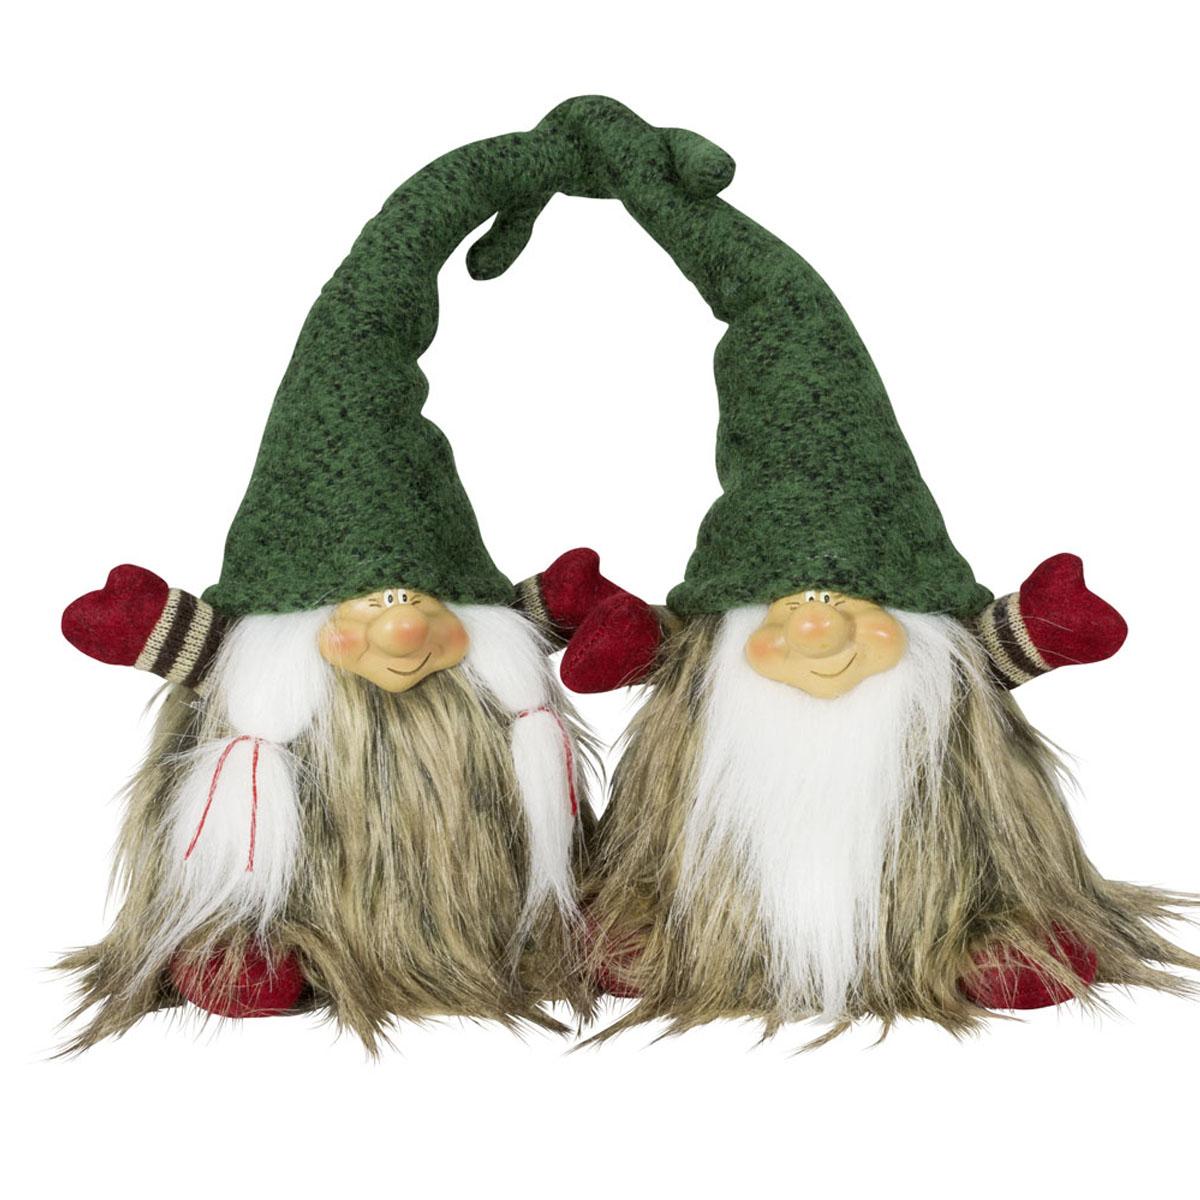 2er set gnome gr ne m tze figur herz weihnachten deko mann. Black Bedroom Furniture Sets. Home Design Ideas